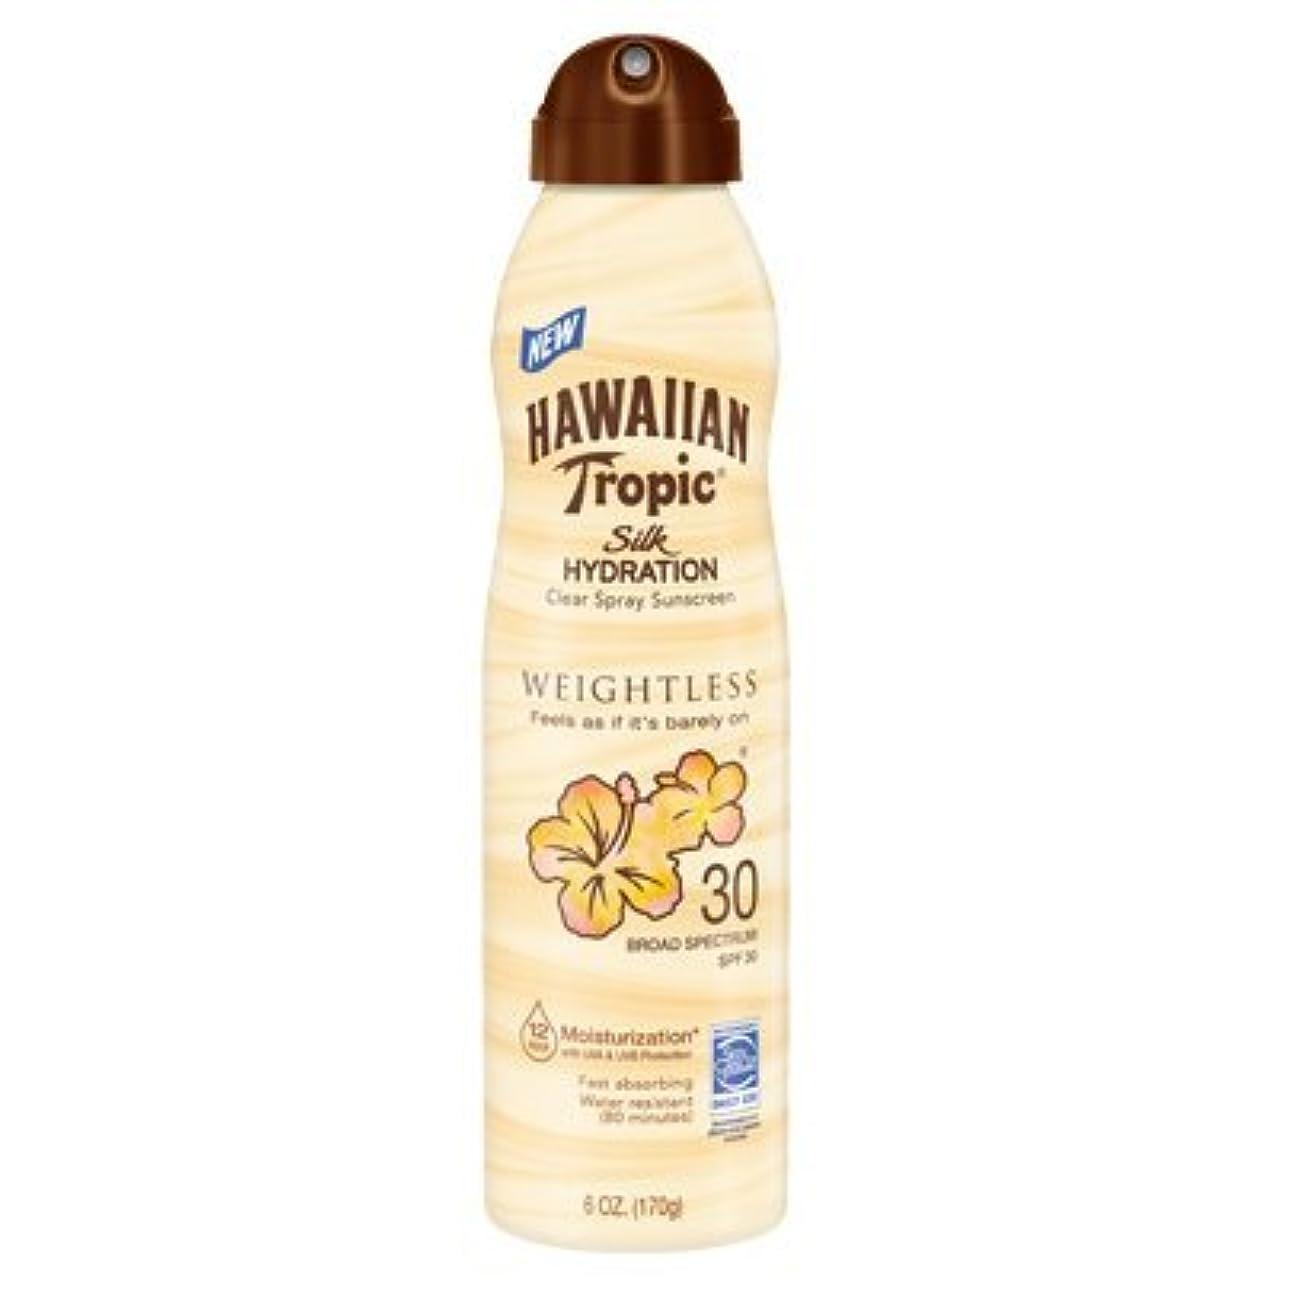 池ポジティブ締める【海外直送】ハワイアントロピック 12時間持続 日焼け止めミスト SPF30 (177ml) Hawaiian Tropic Silk Hydration Clear Mist Spray Sunscreen SPF 30...